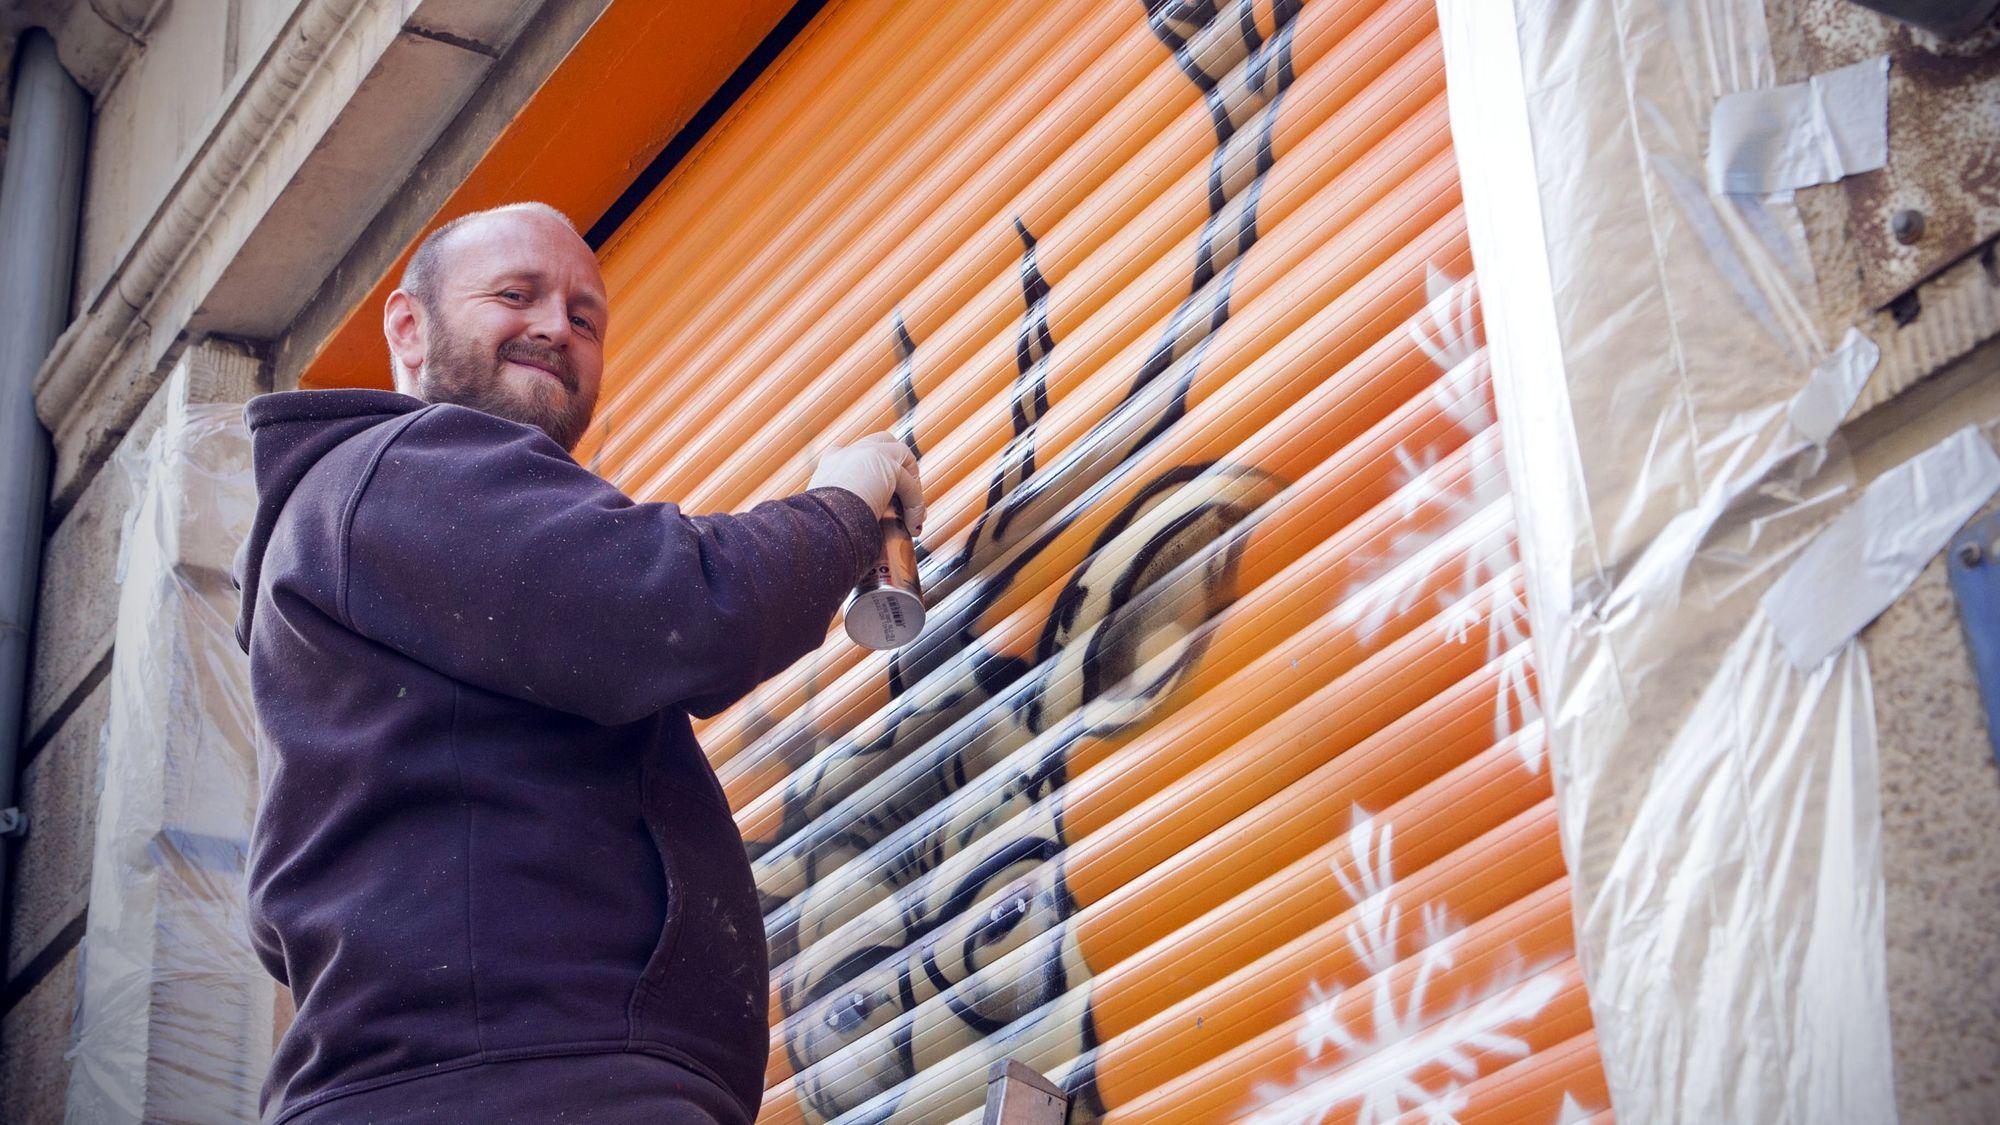 Hirschmaler Christian Weiße